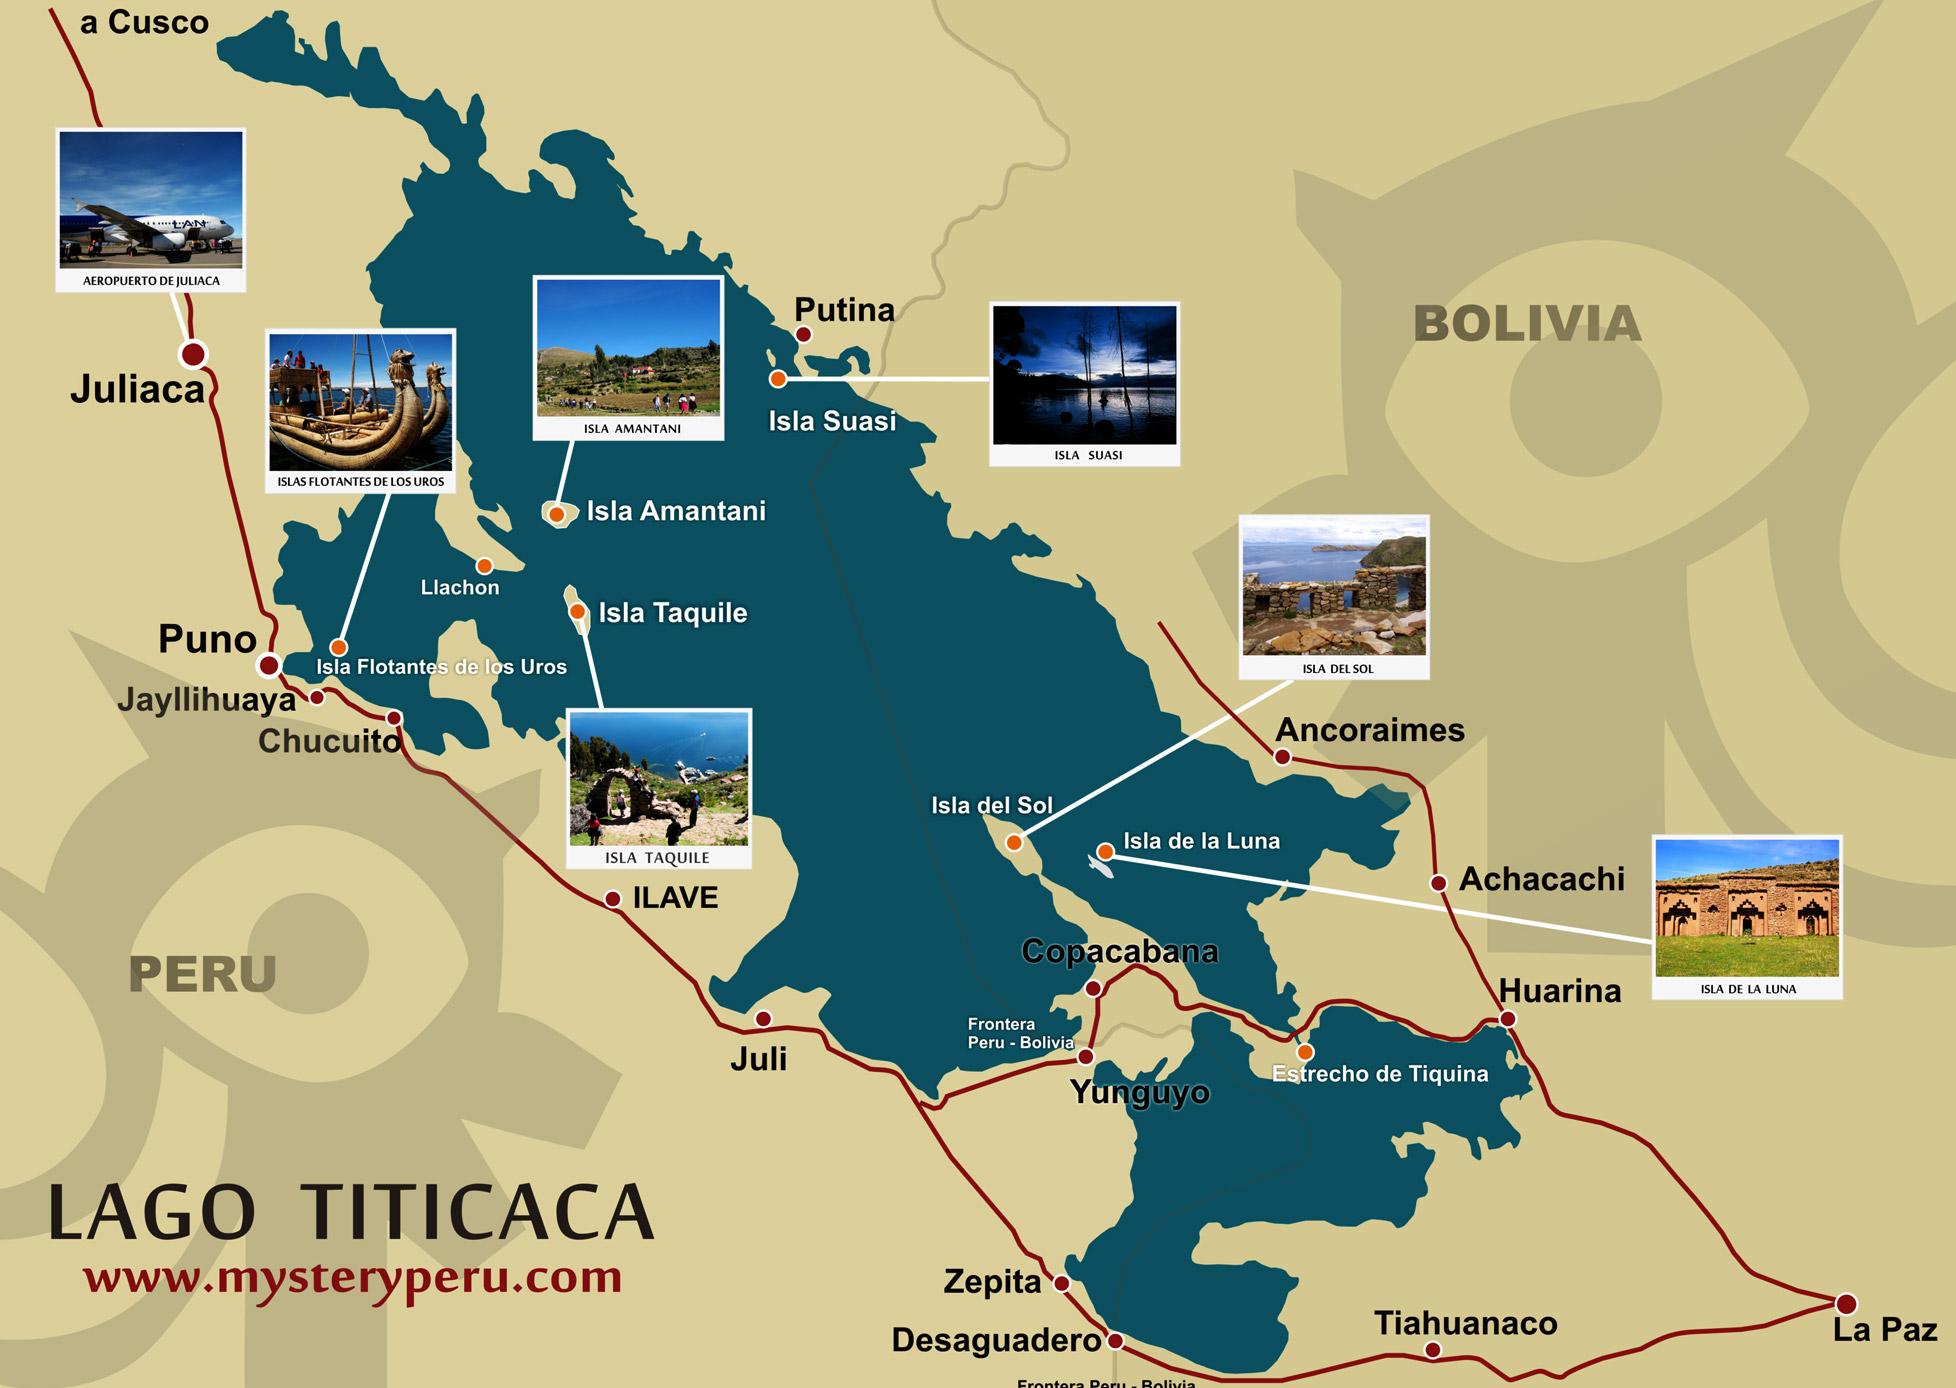 mapa_lago_titicaca